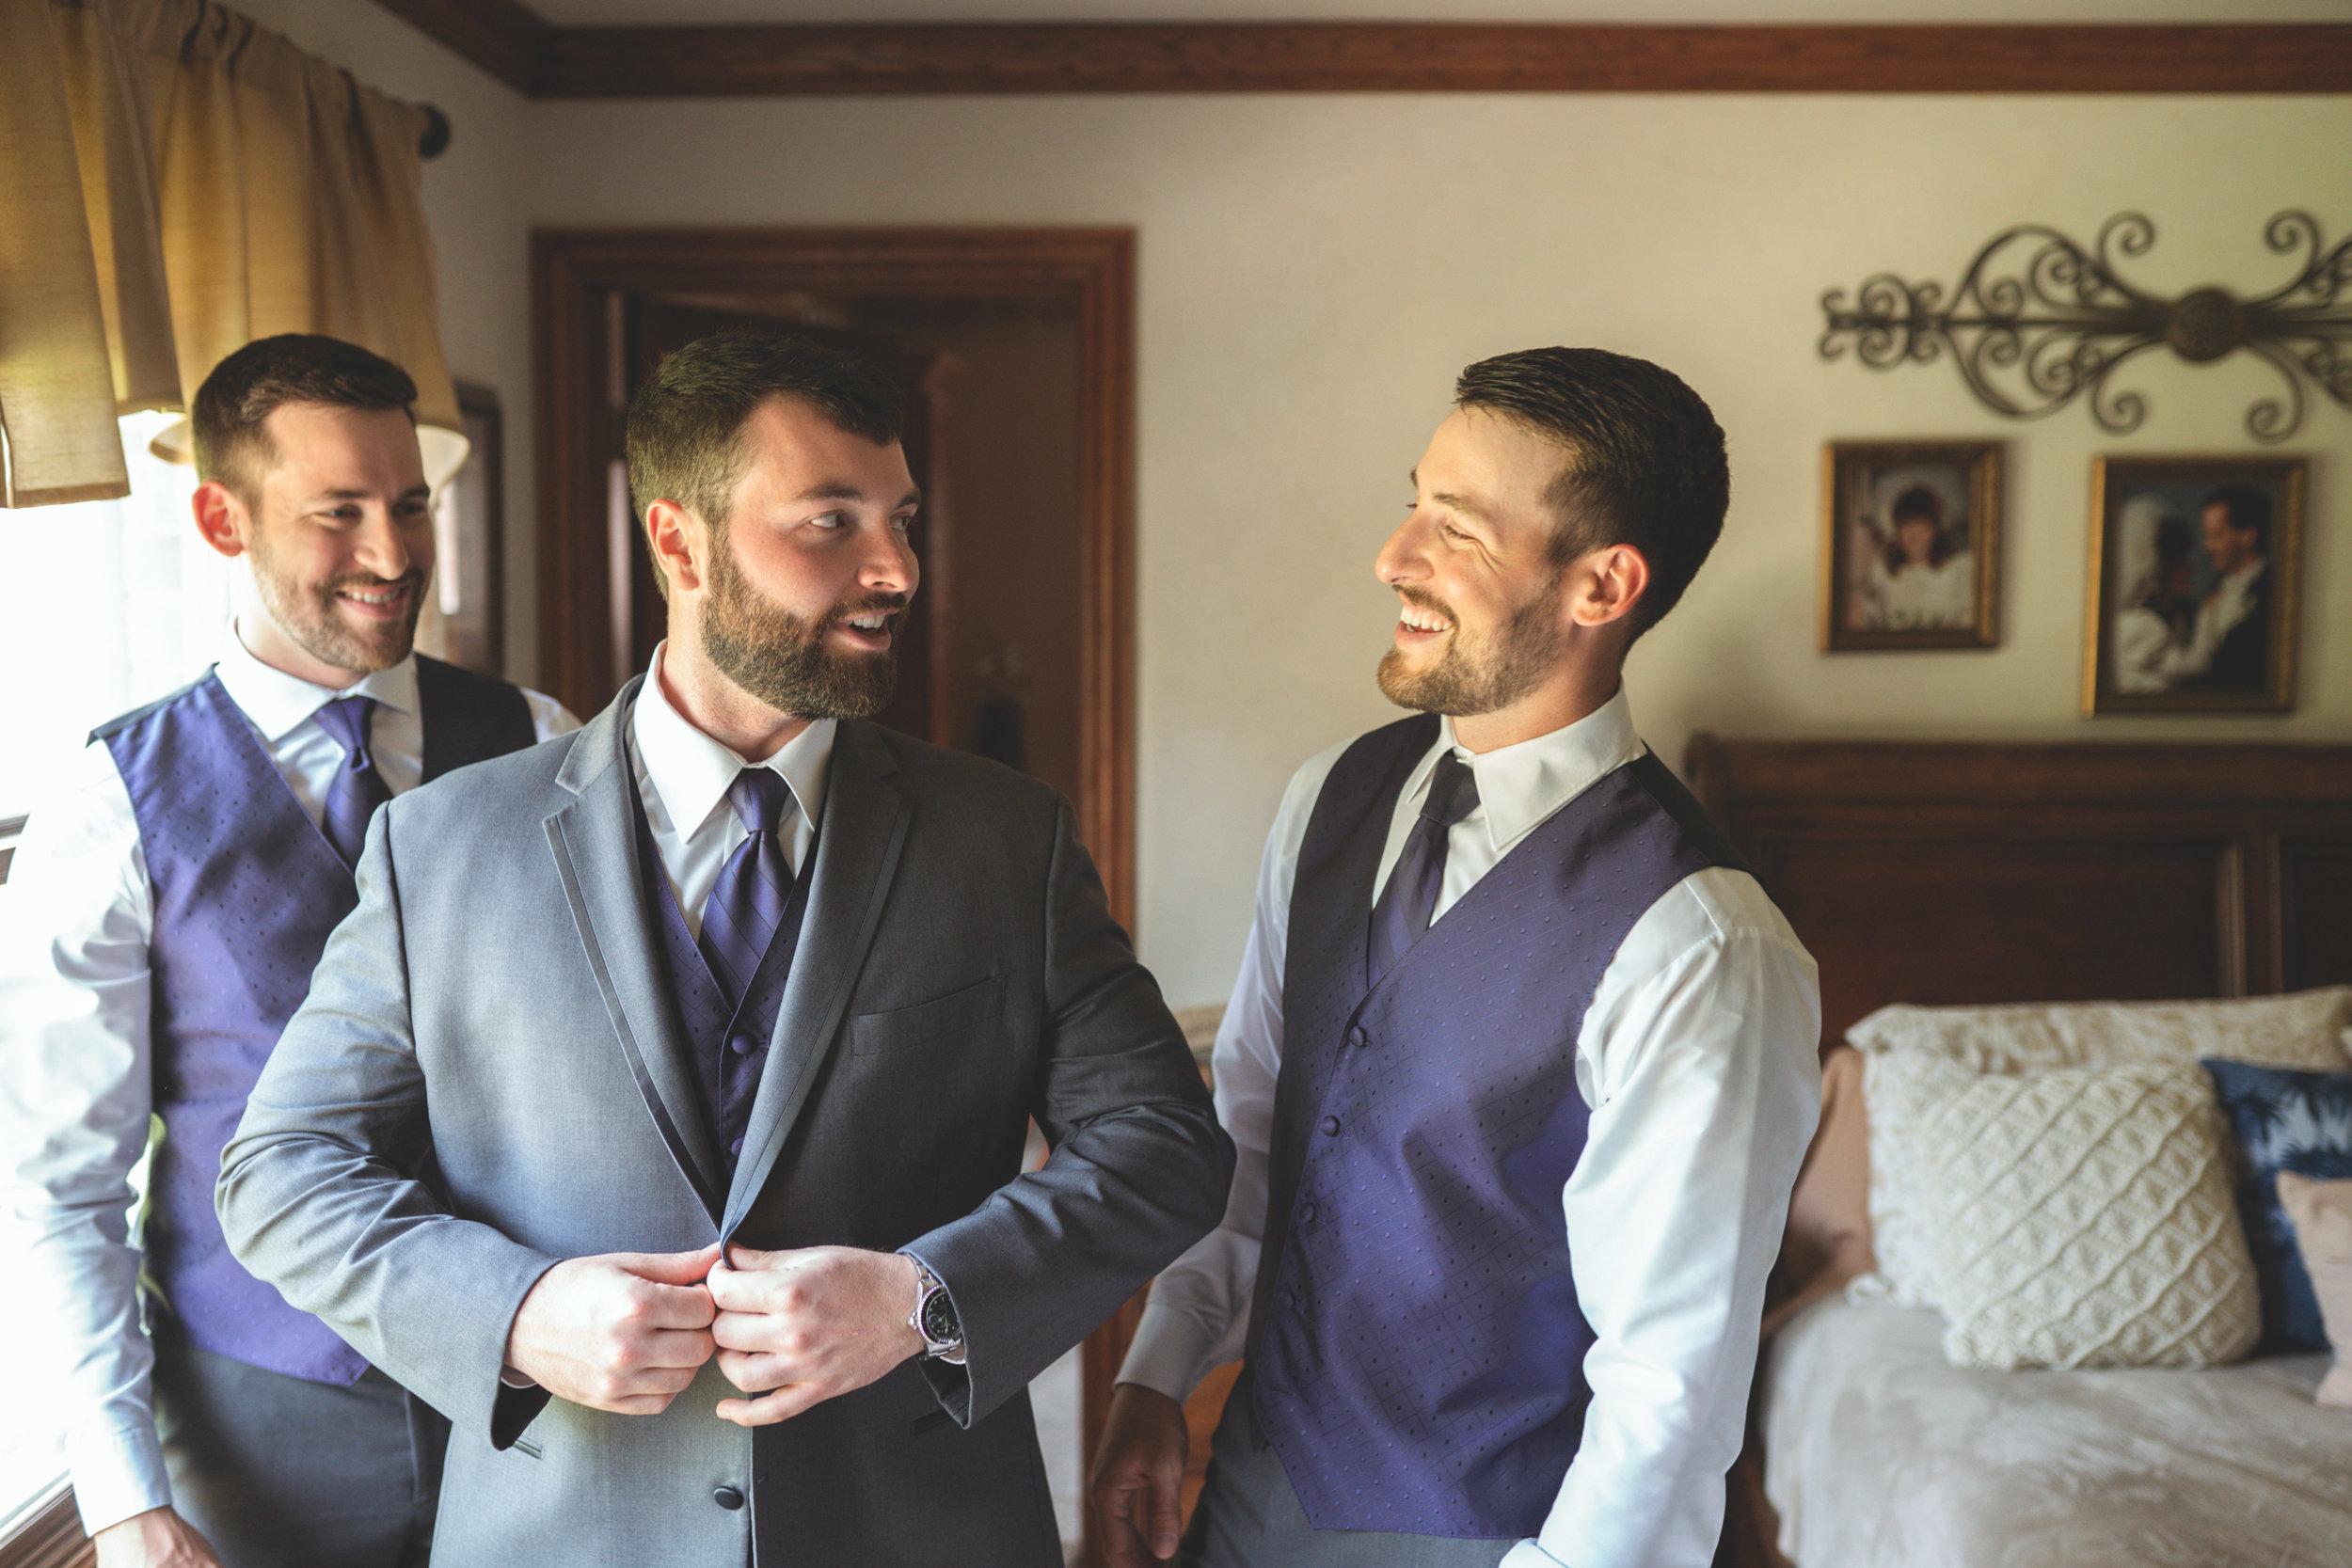 groom-best-man-groomsman-getting-ready-putting-on-jacket.jpg